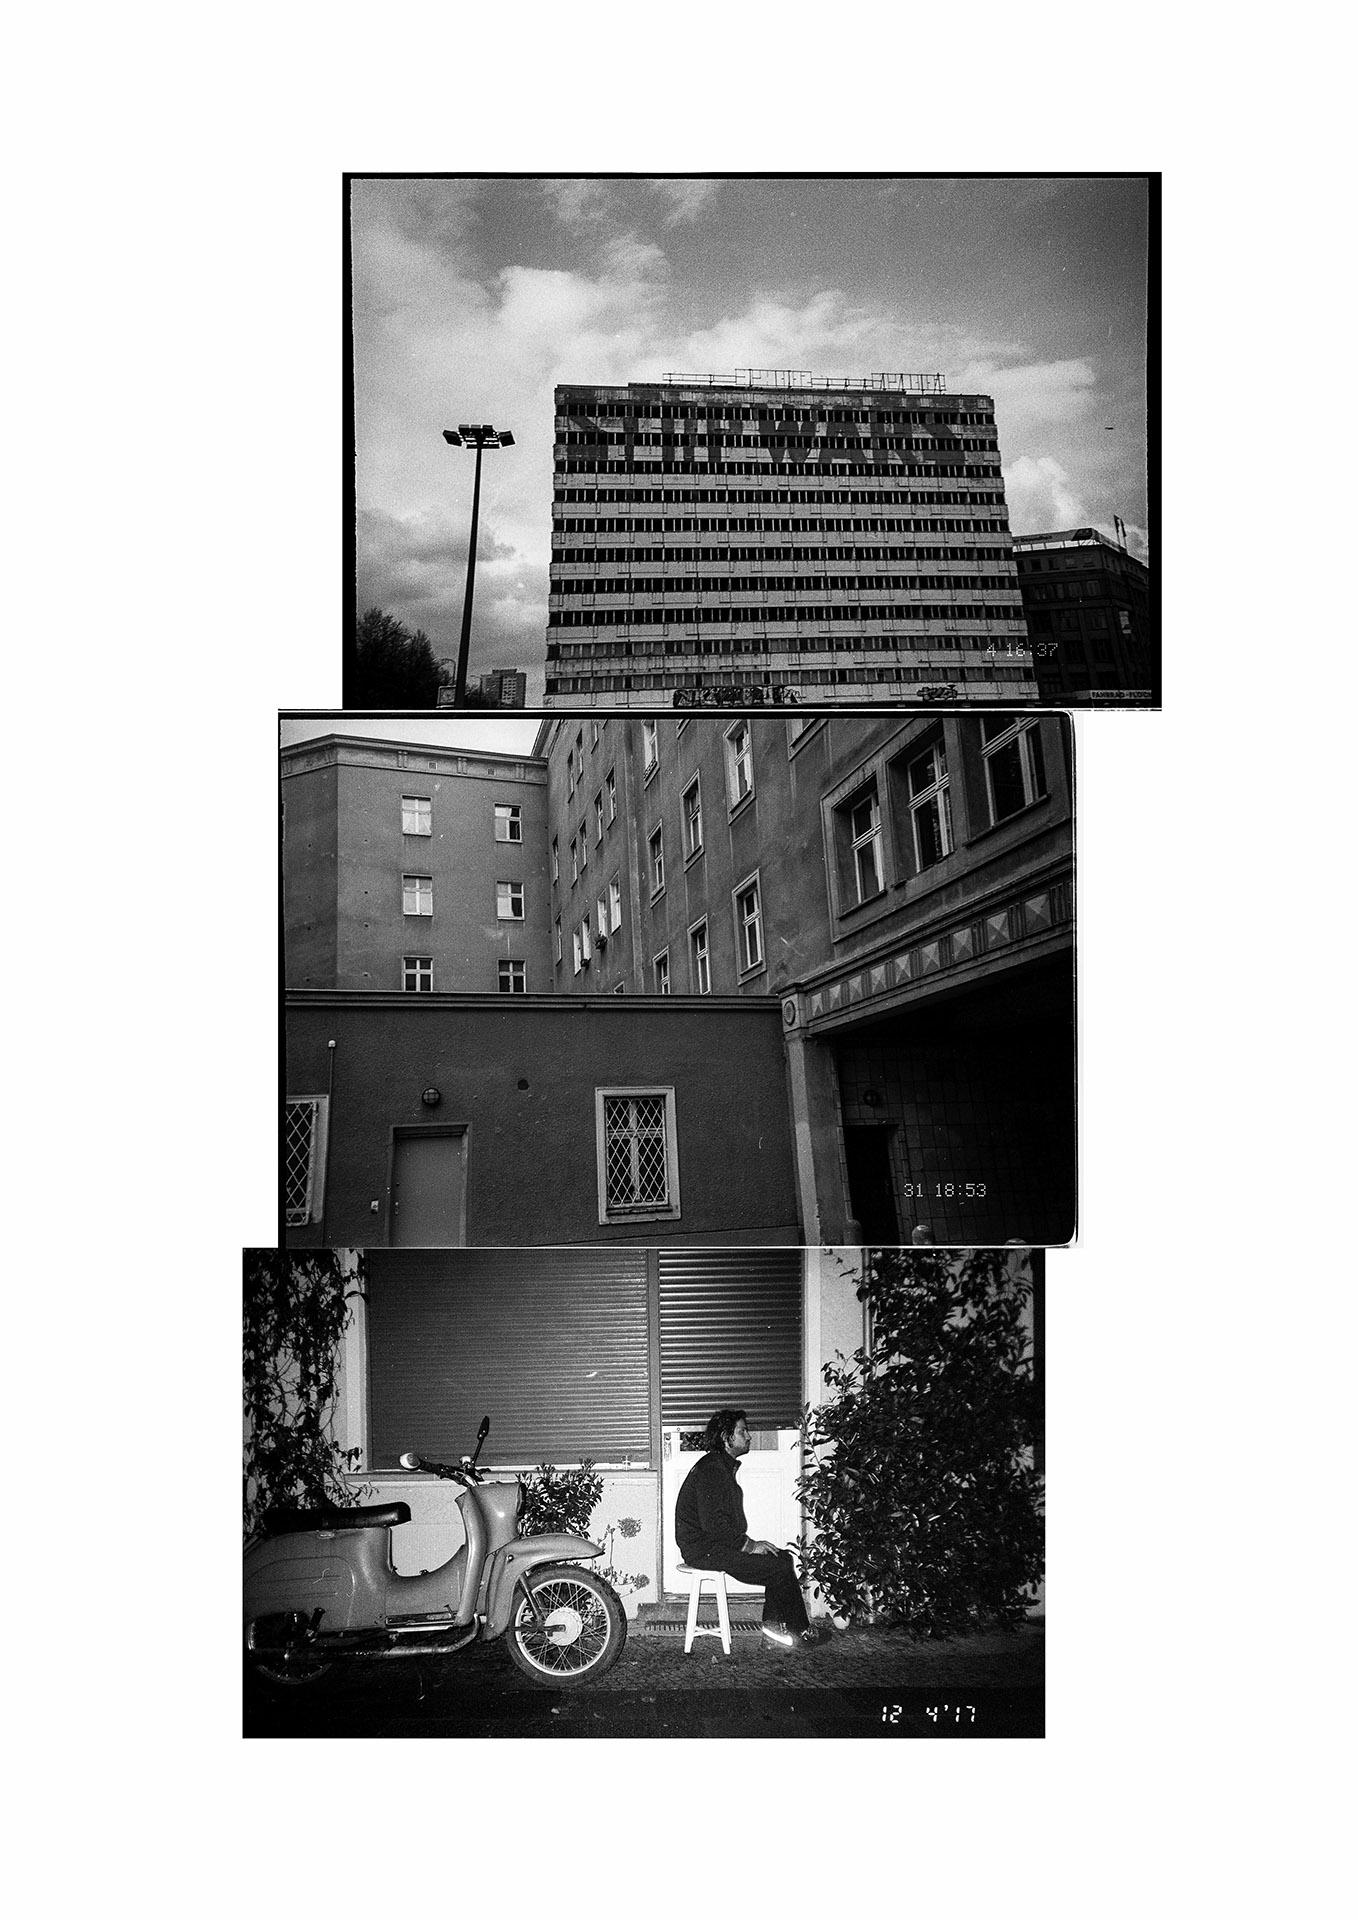 BERLIN_GuidoArgel_01.jpg